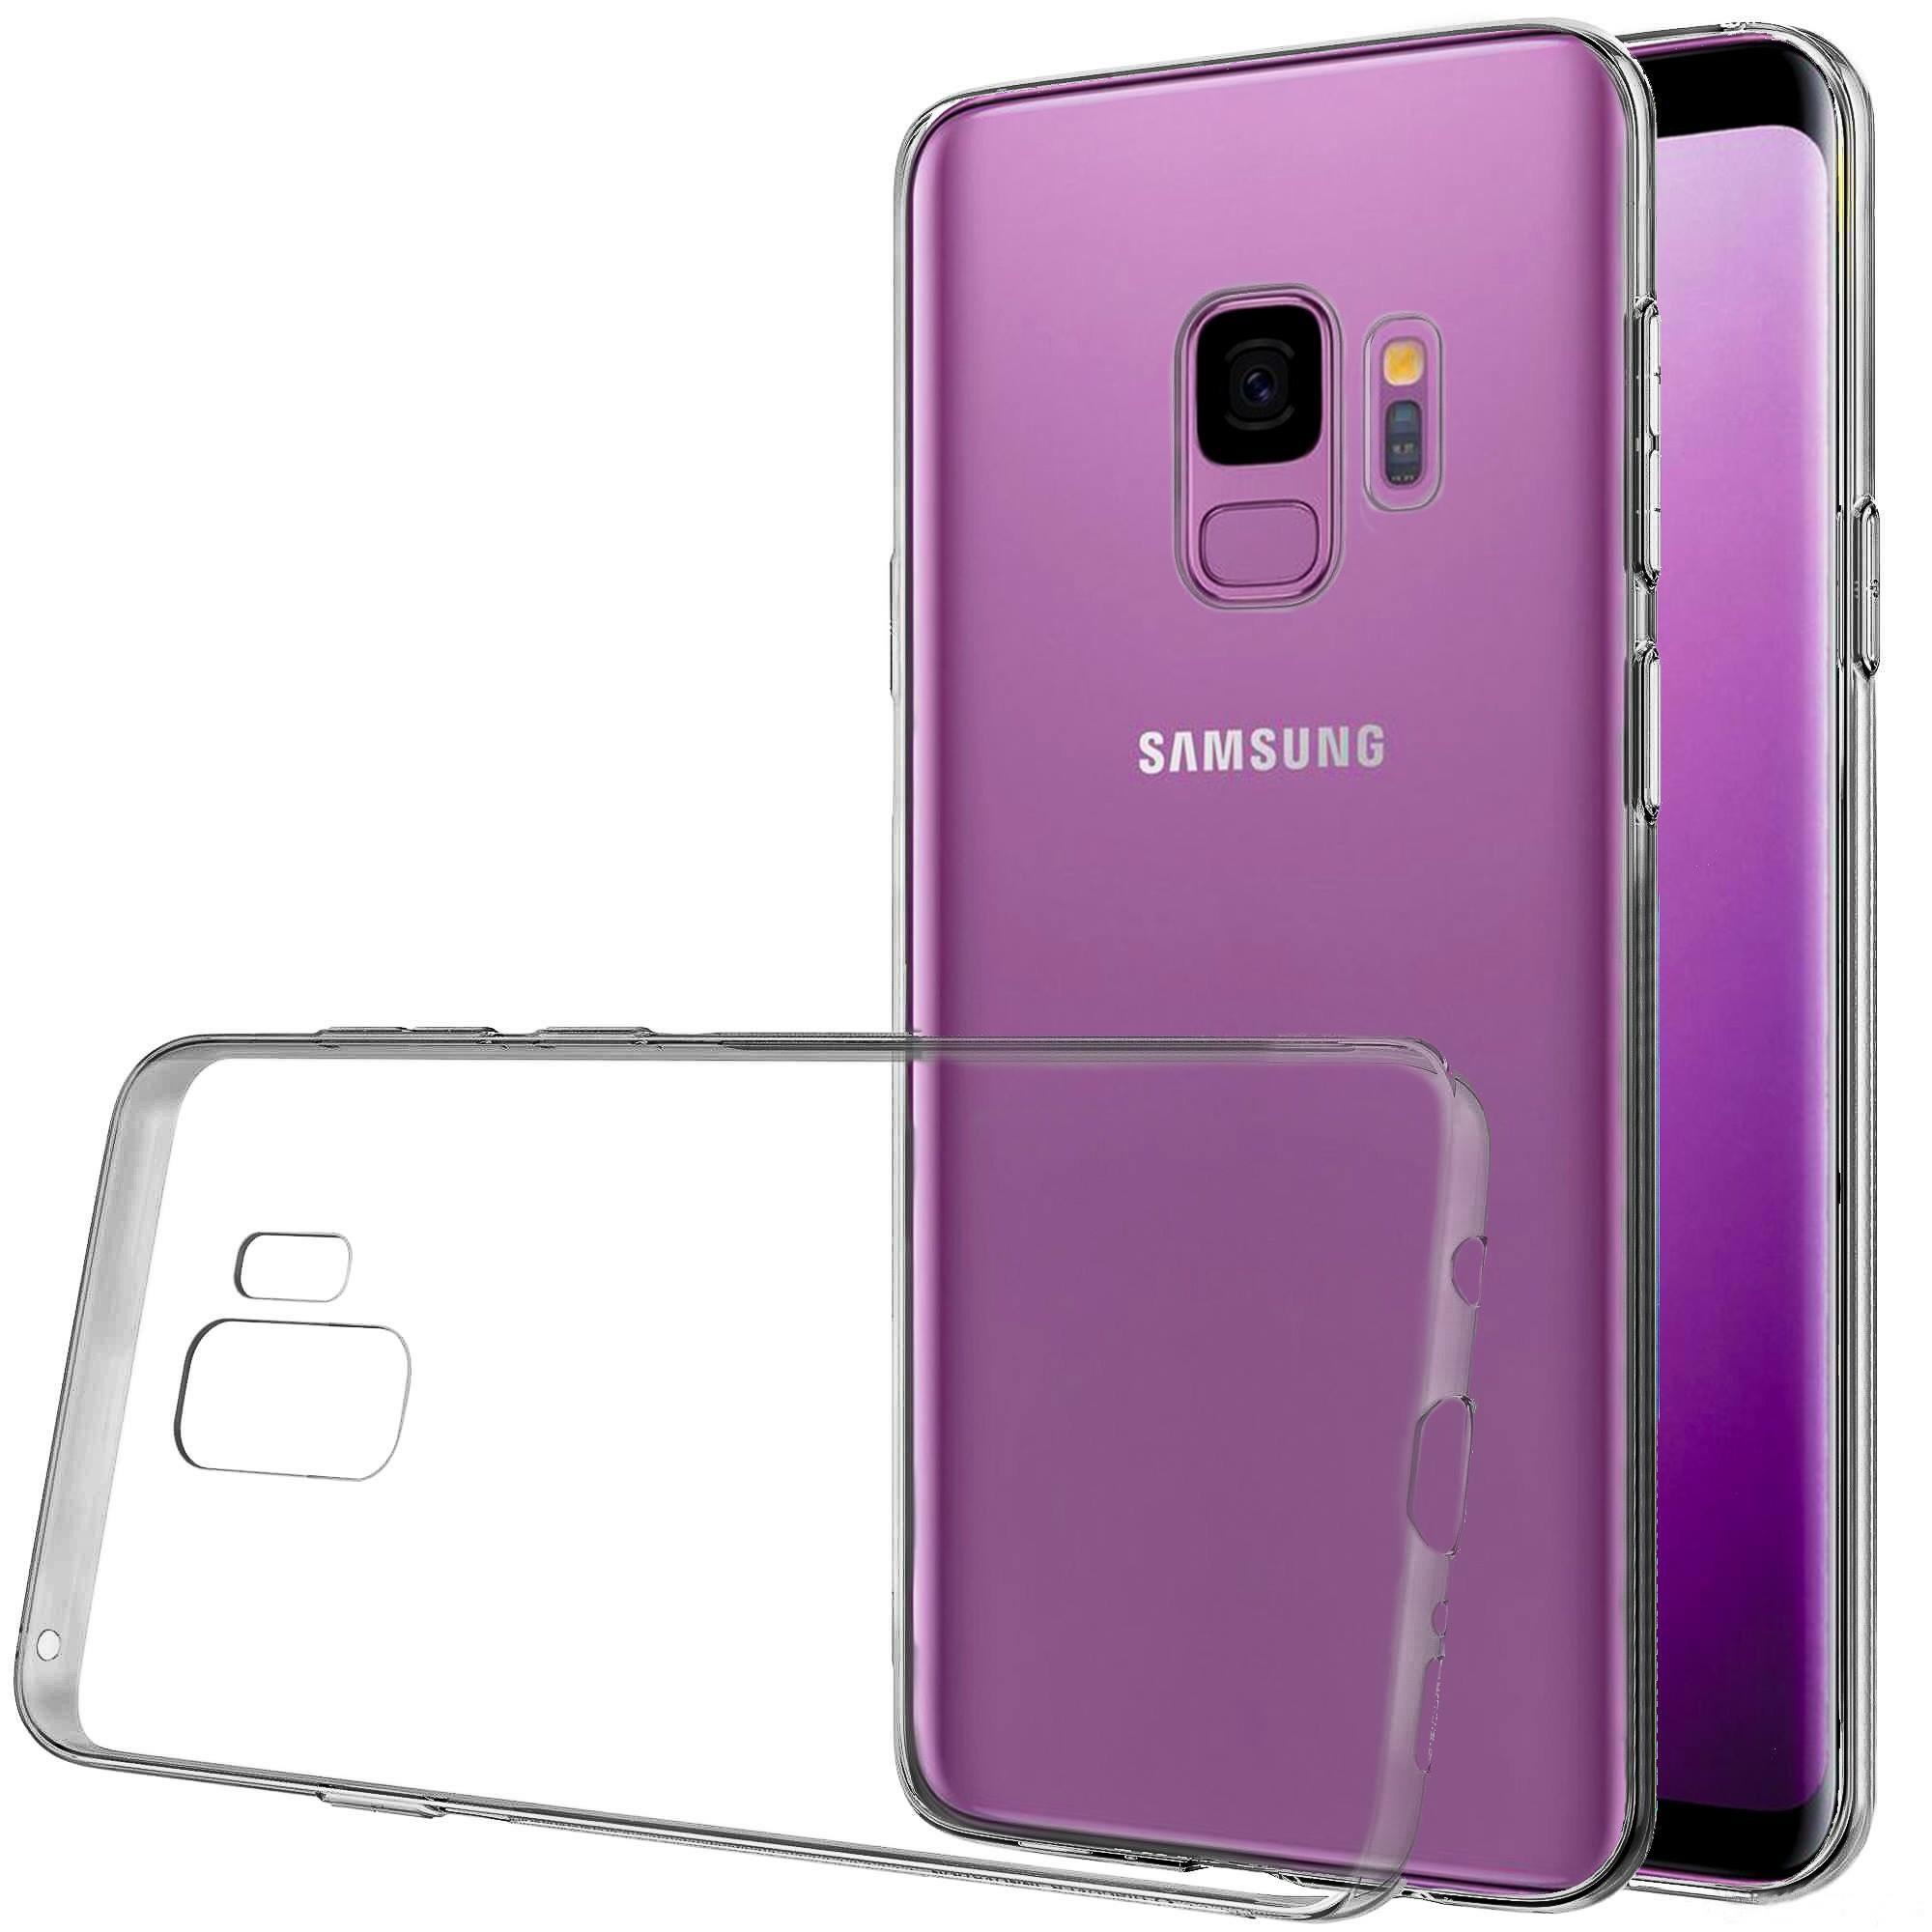 FREEBIE!! Kostenlose Hülle für das Samsung Galaxy S9 bei ebay